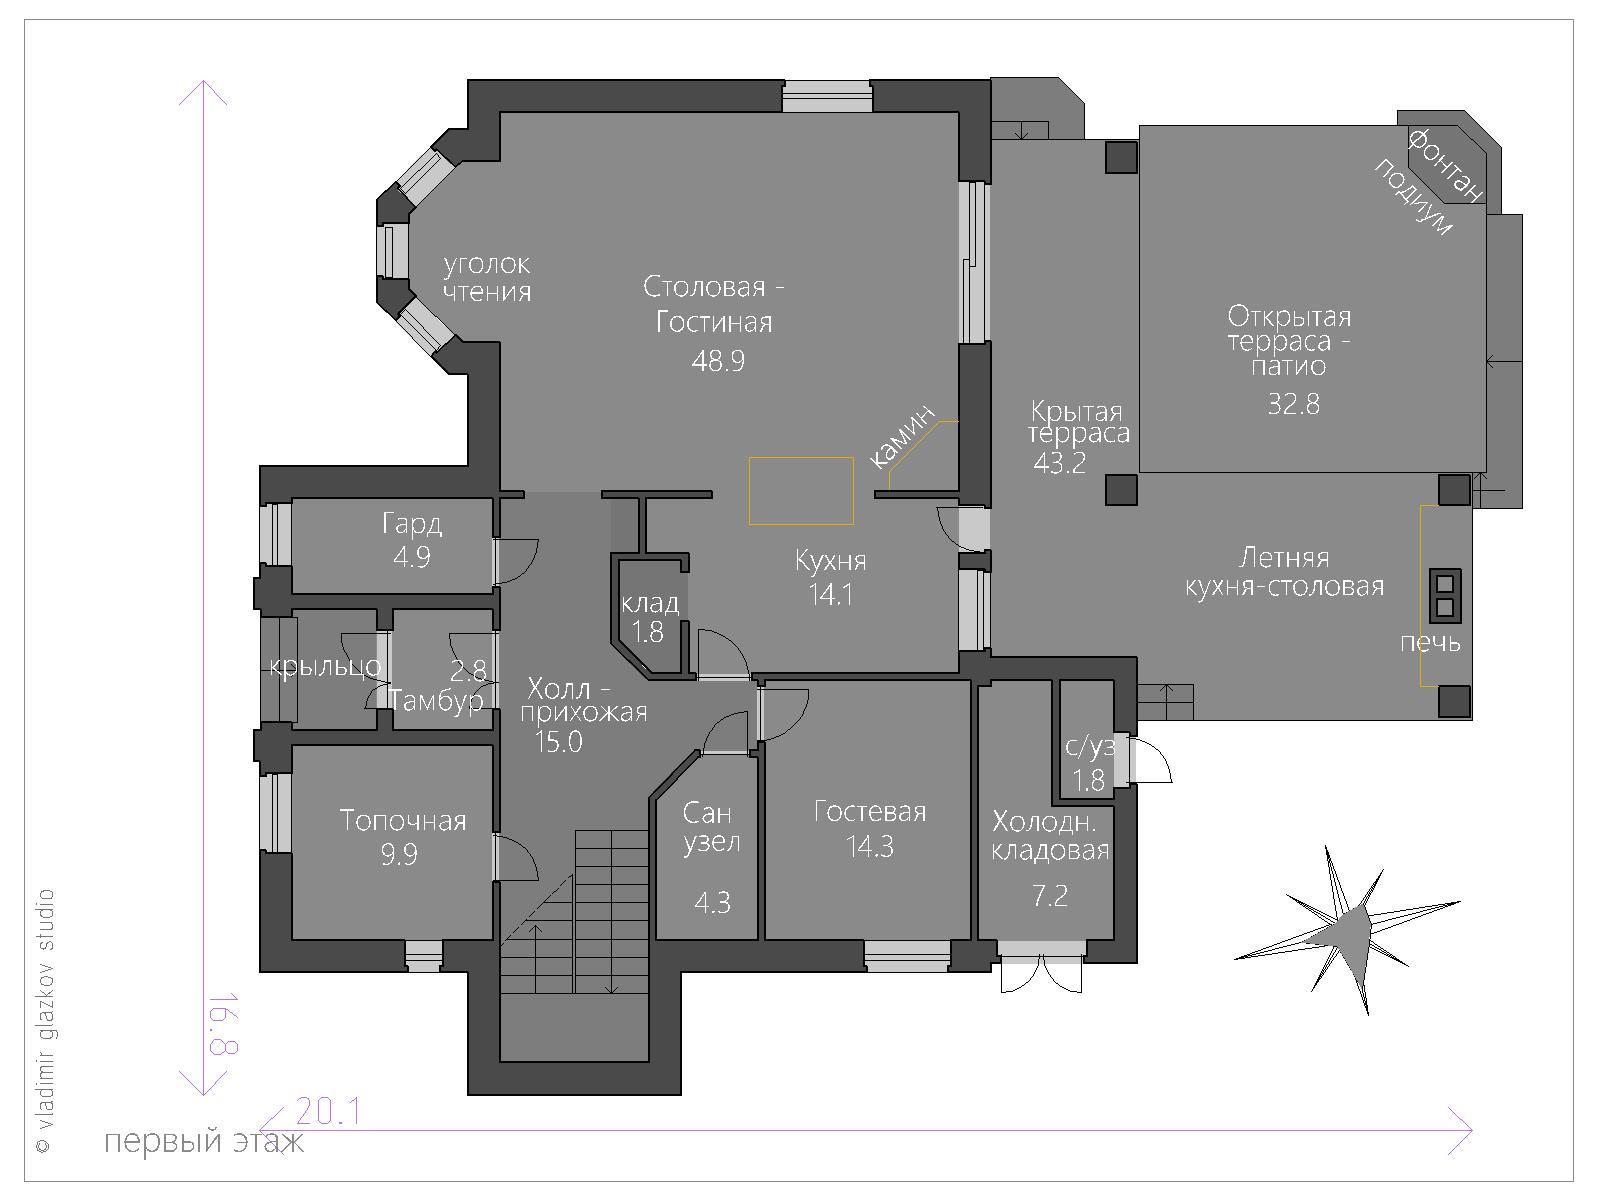 Проект дома в Средиземноморском стиле с террасами панорамными окнами, план 1